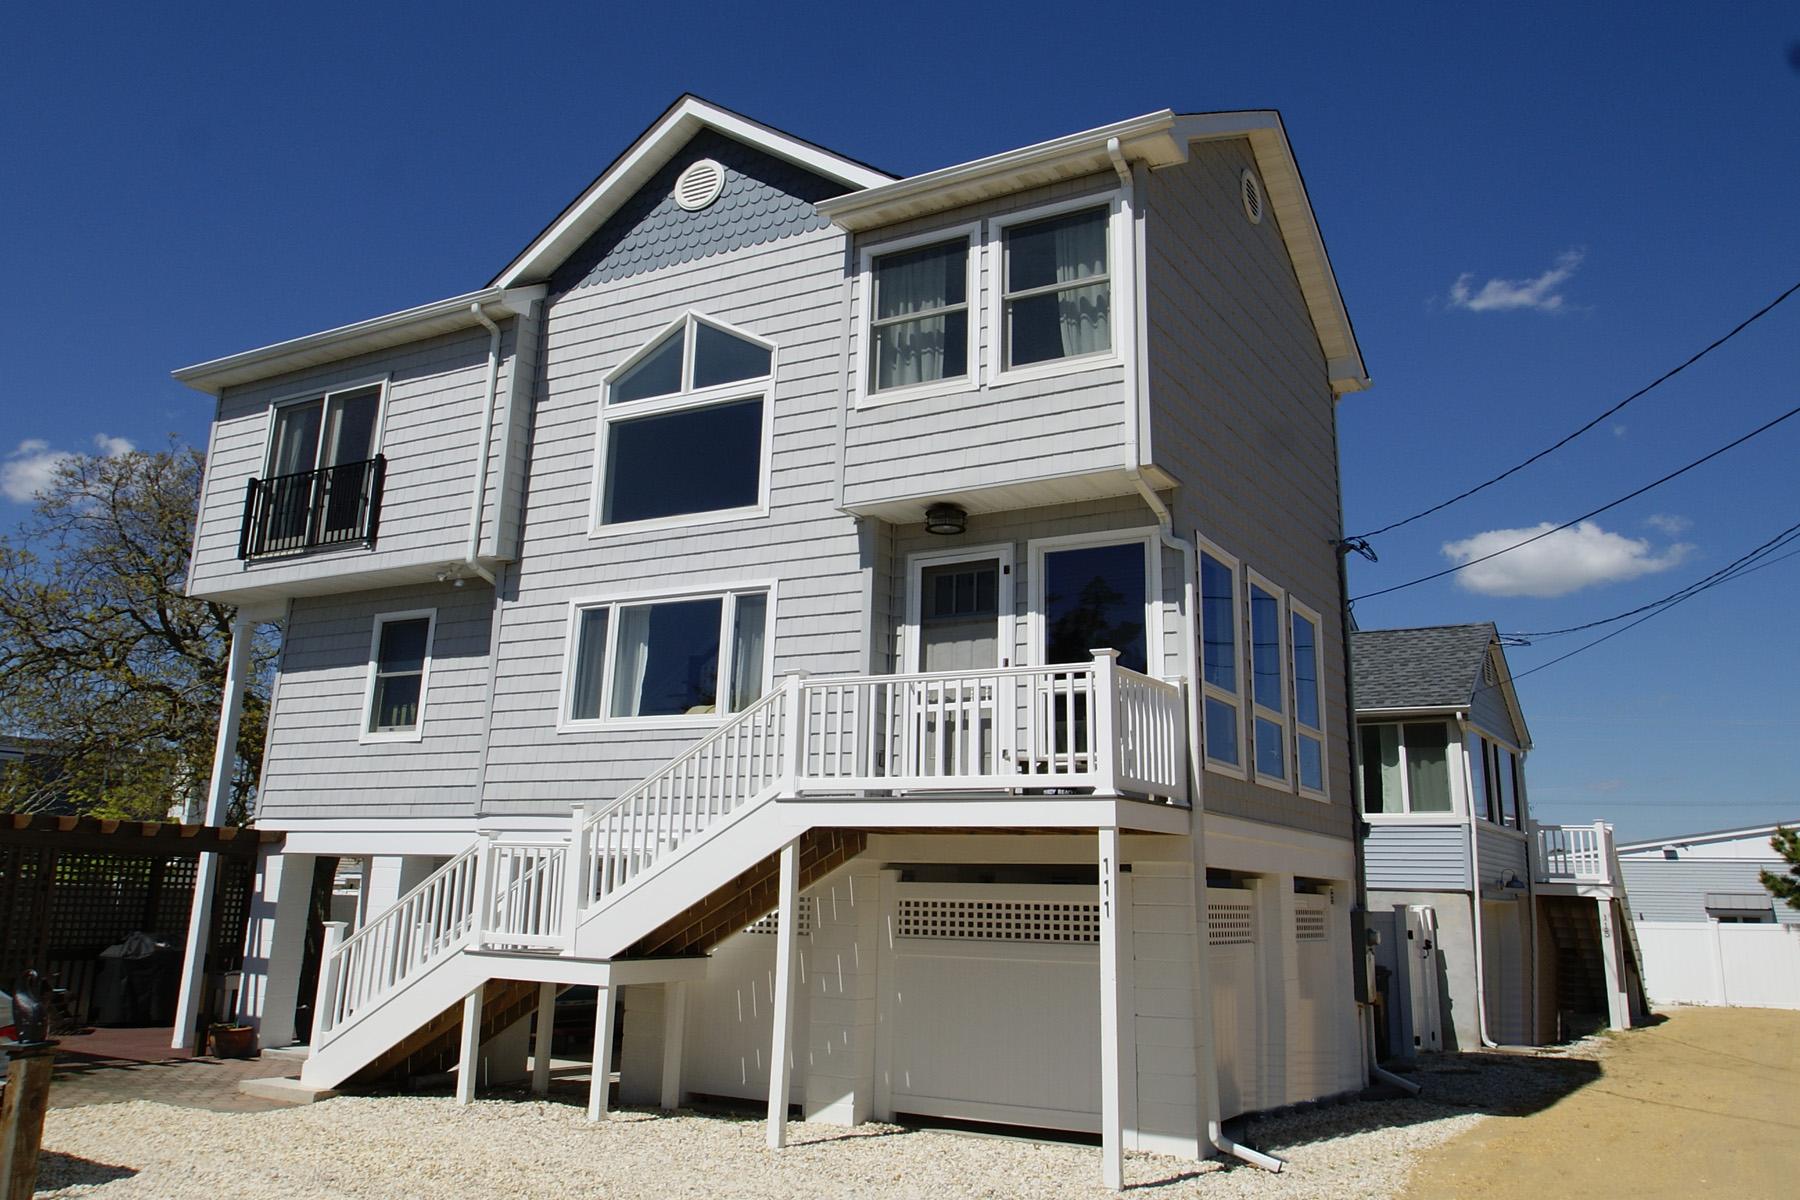 Maison unifamiliale pour l Vente à Extraordinary Home In The Normandy Nine Section 111 W 1st Avenue Normandy Beach, New Jersey, 08739 États-Unis